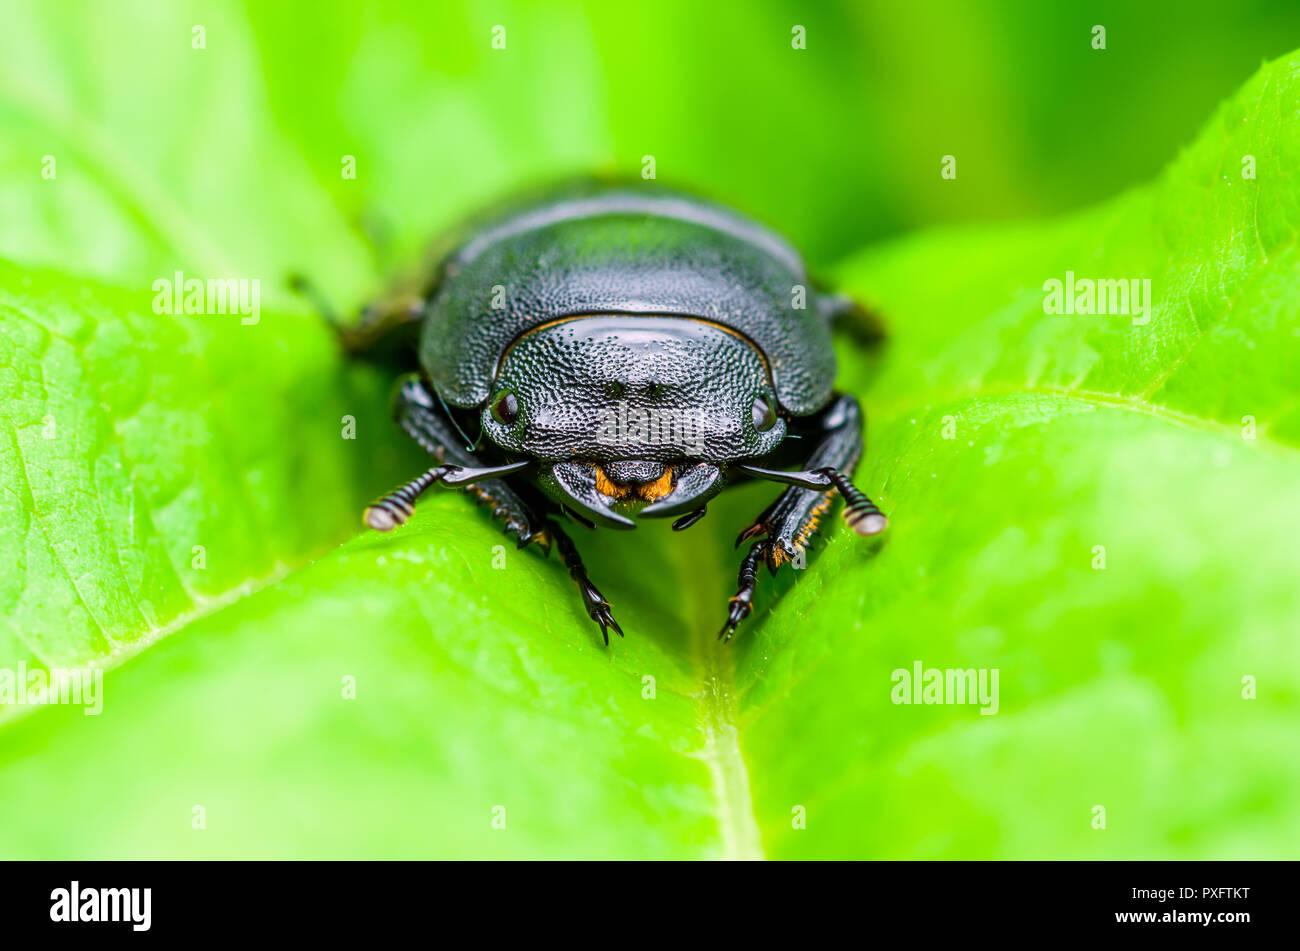 Coleottero scuro su insetti foglia verde sullo sfondo Immagini Stock